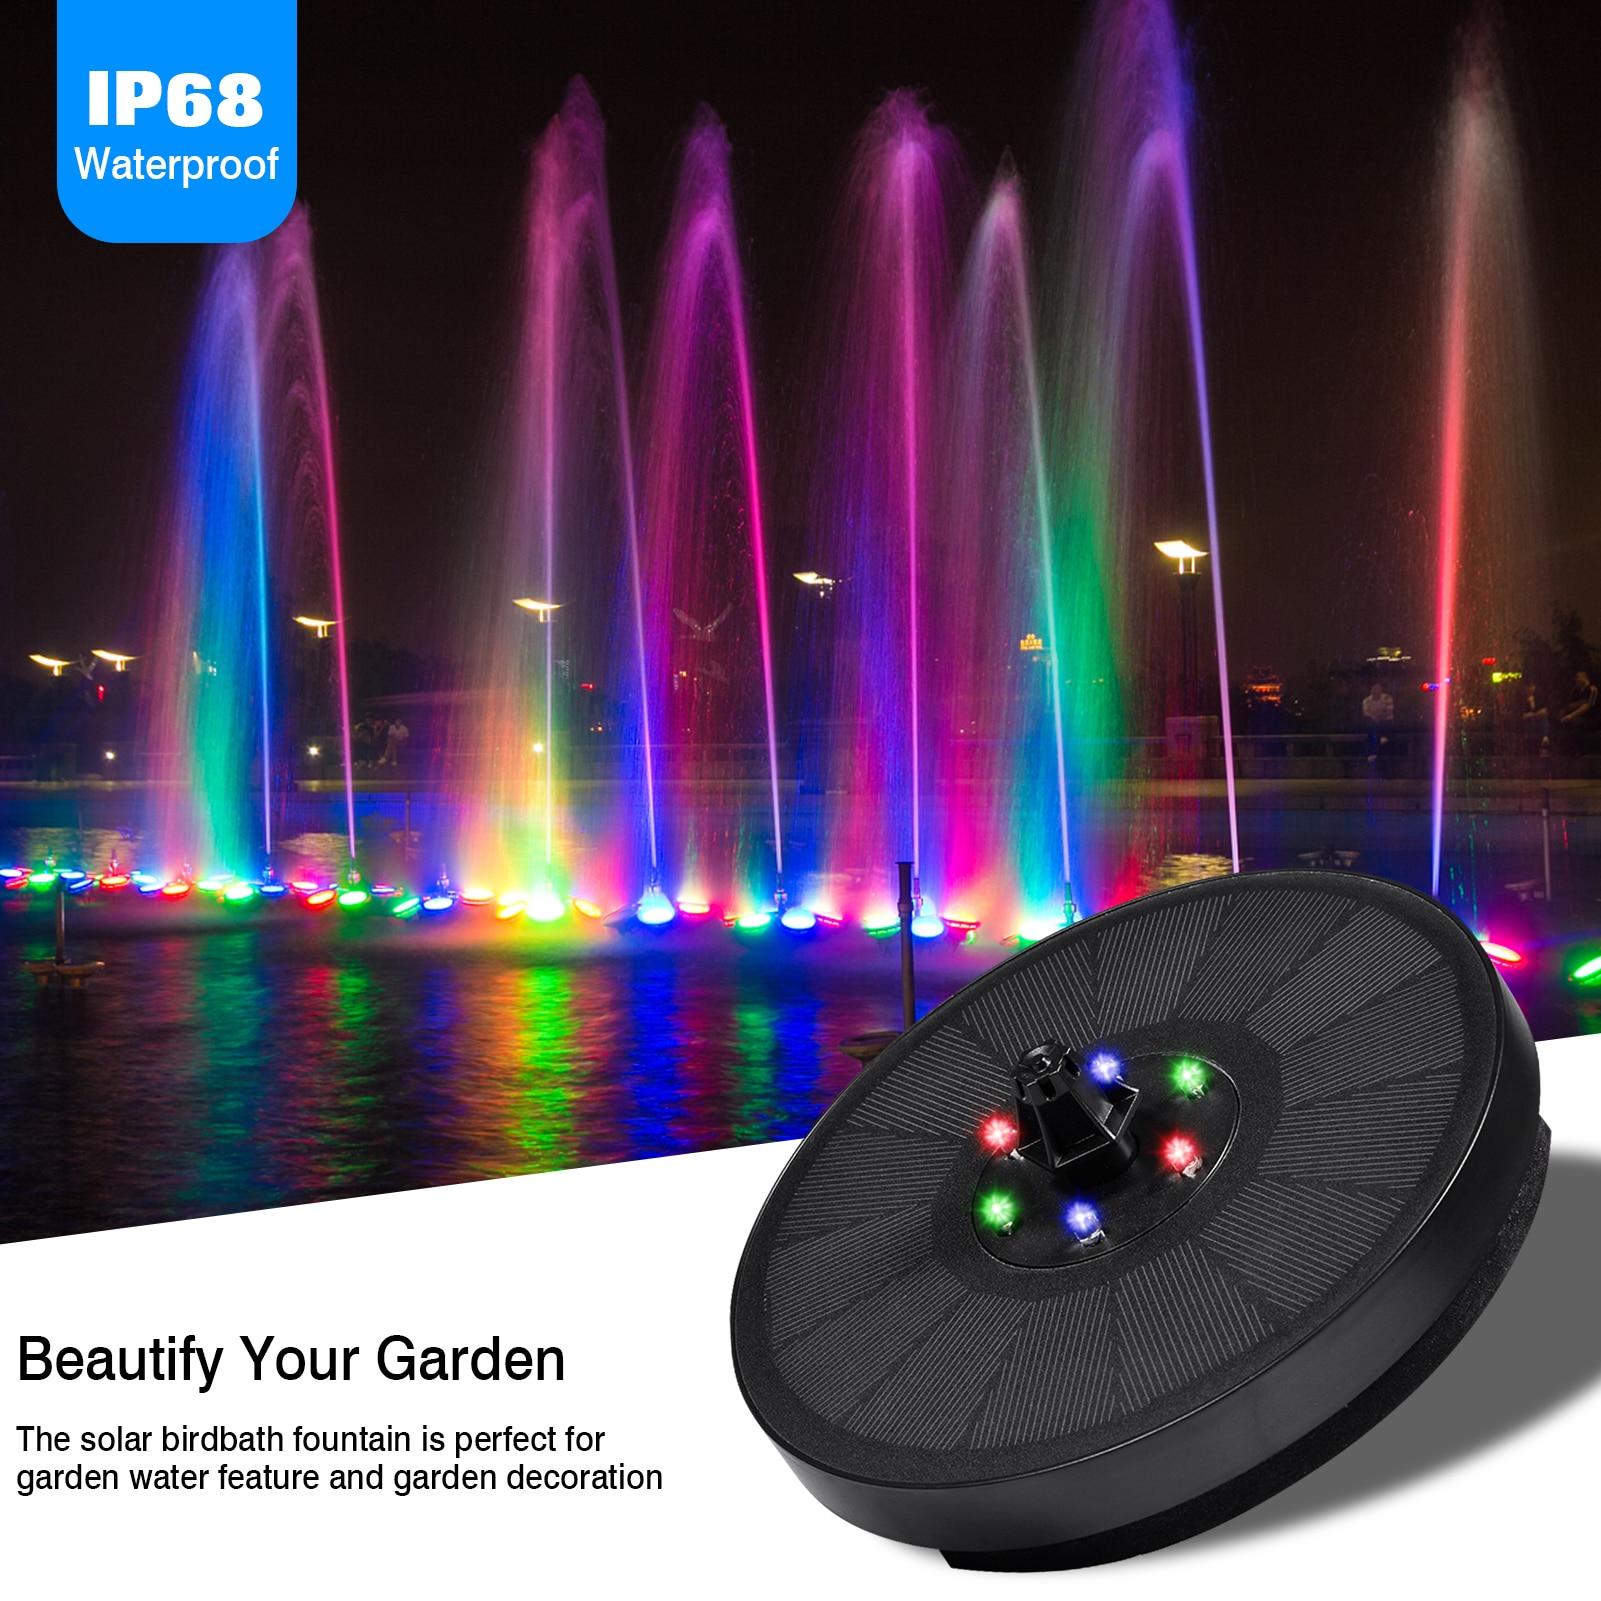 7 فولت/3 واط نافورة شمسية 6 أضواء السباحة مضخة لوحة نافورة شمسية حديقة الديكور IP68 مقاوم للماء بركة نافورة ملونة